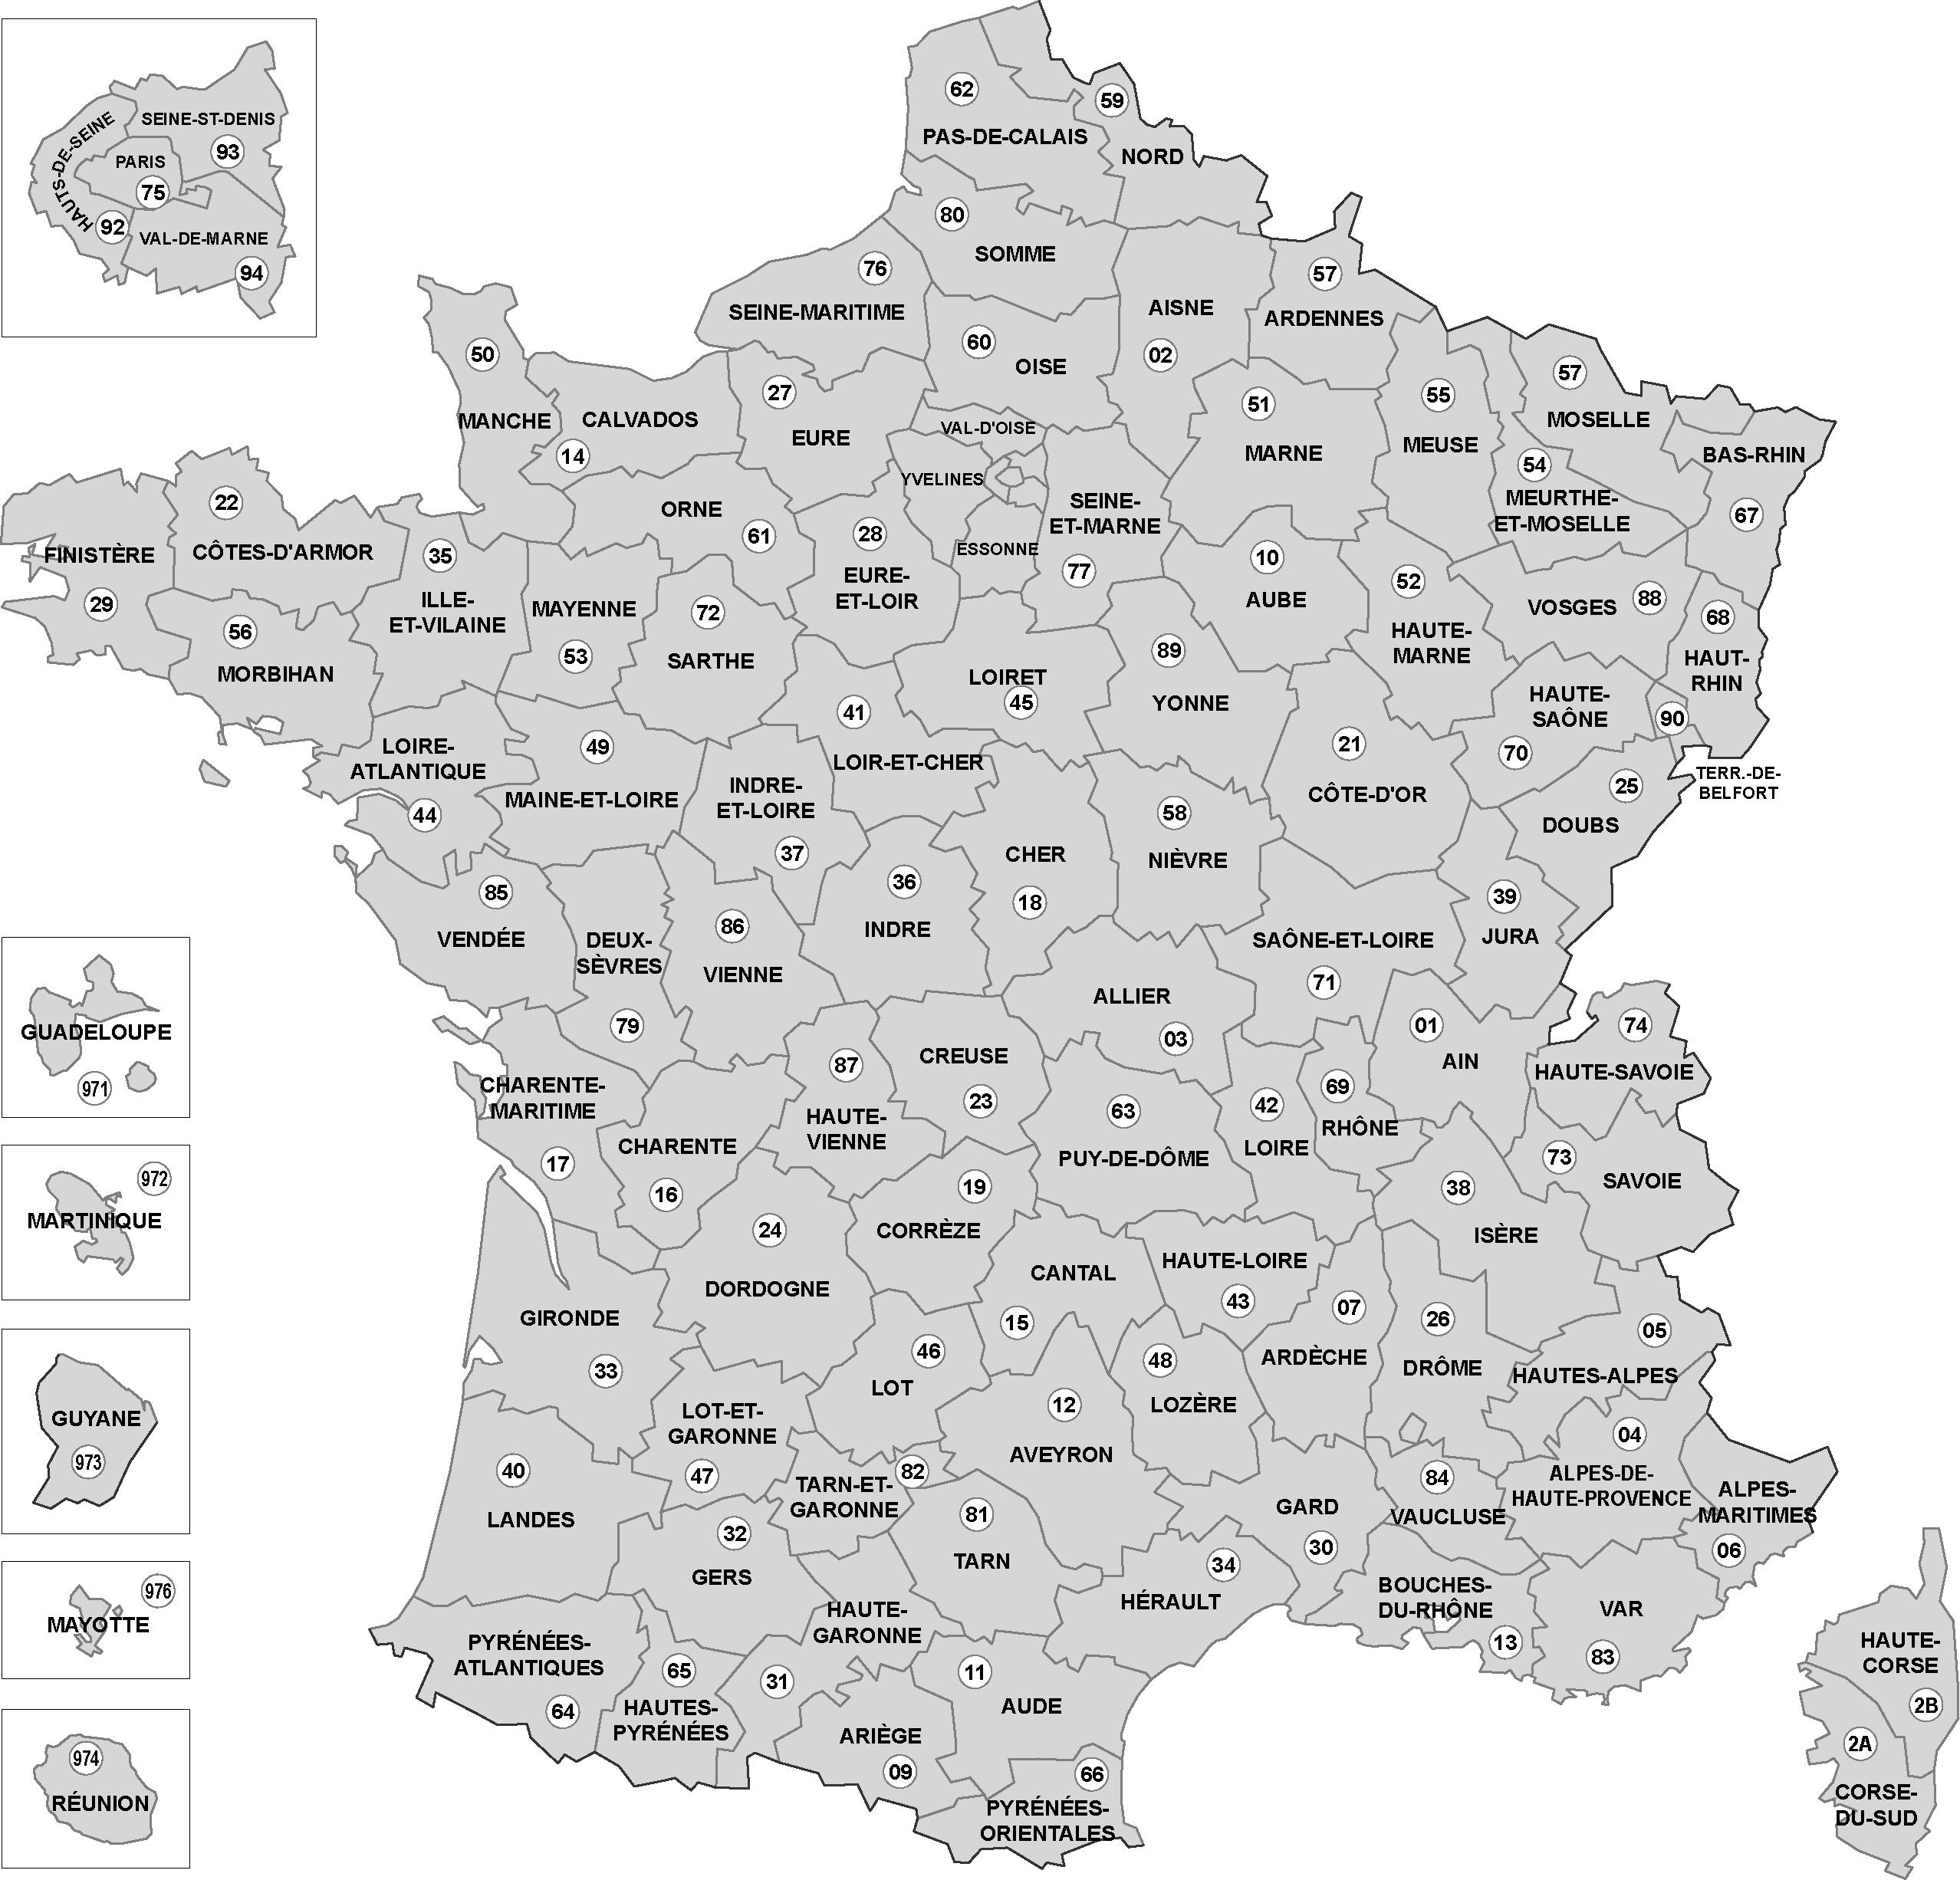 Cartes De France, Cartes Et Rmations Des Régions intérieur Carte Ile De France Vierge